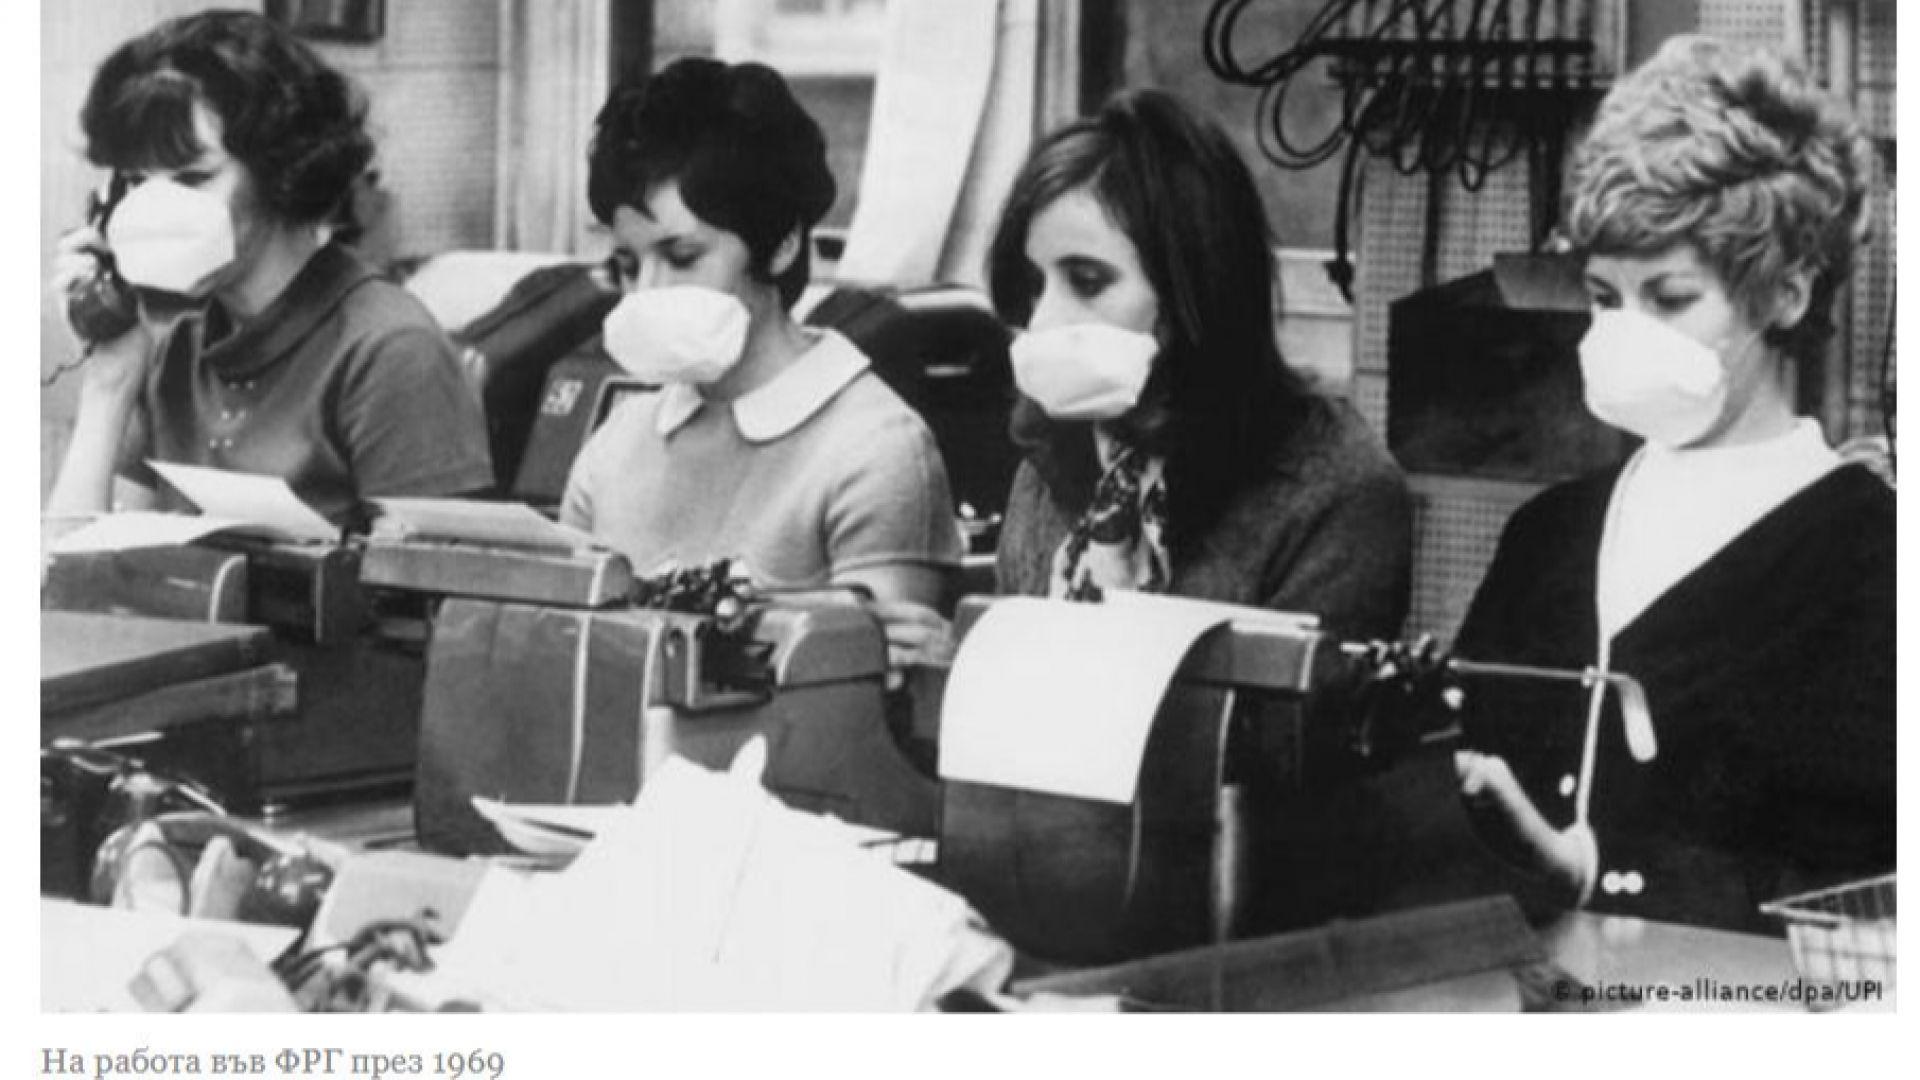 Хонконгският грип от 1968 и новият коронавирус: вижте разликите